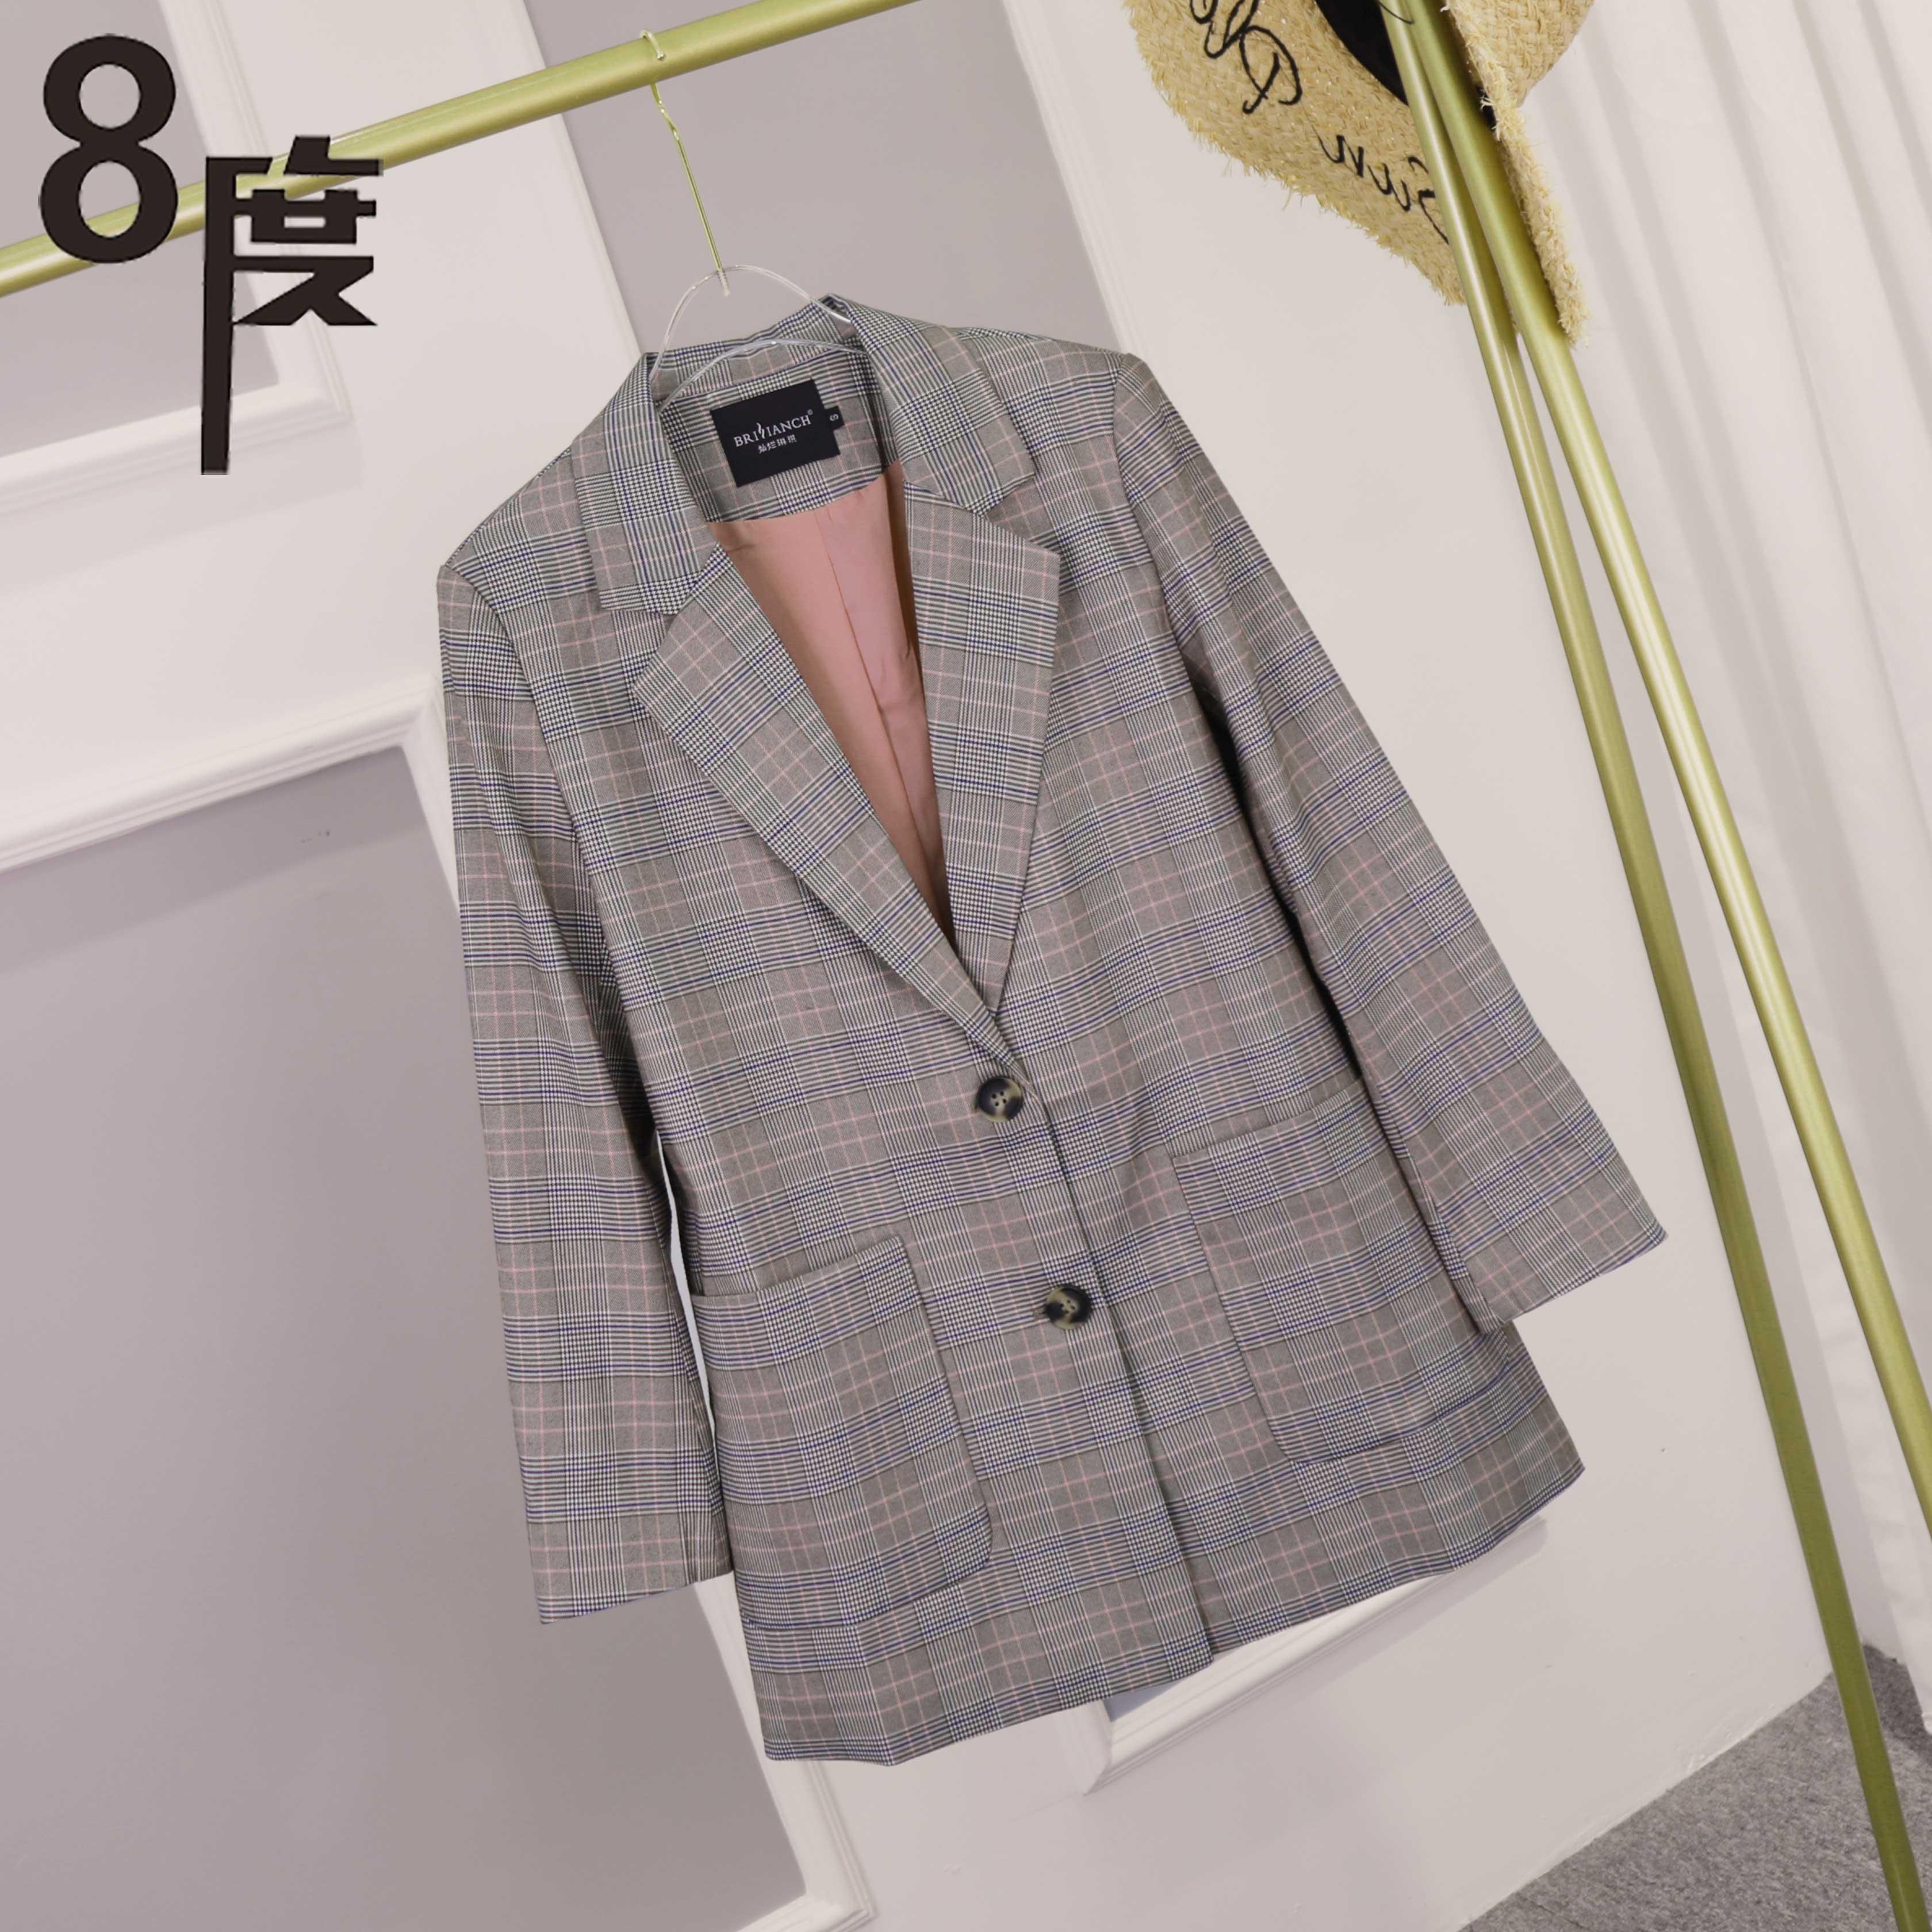 【8度】秋装新款韩版格纹小西服XIXI7789